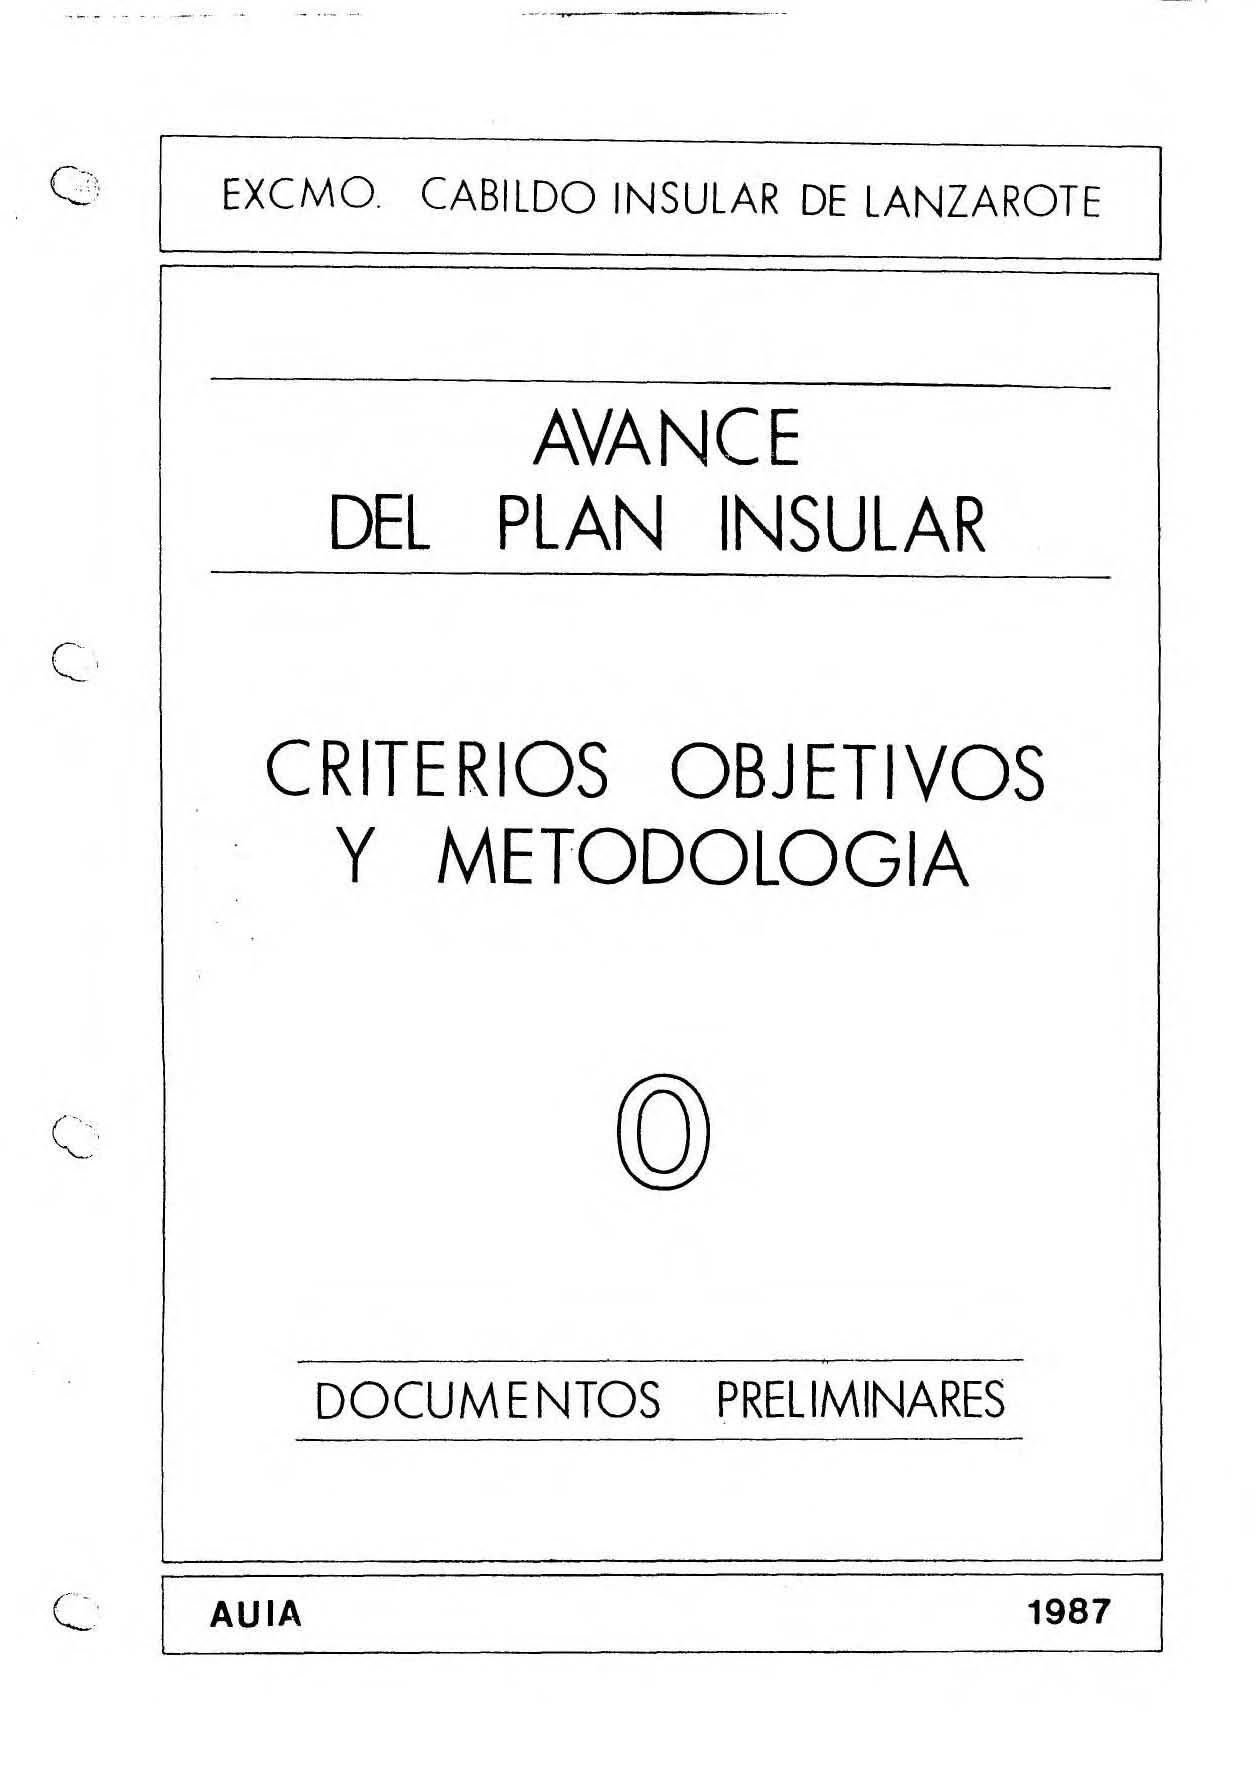 Tomo 0. Criterios objetivos y metodologías. Avance Plan Insular (1987)